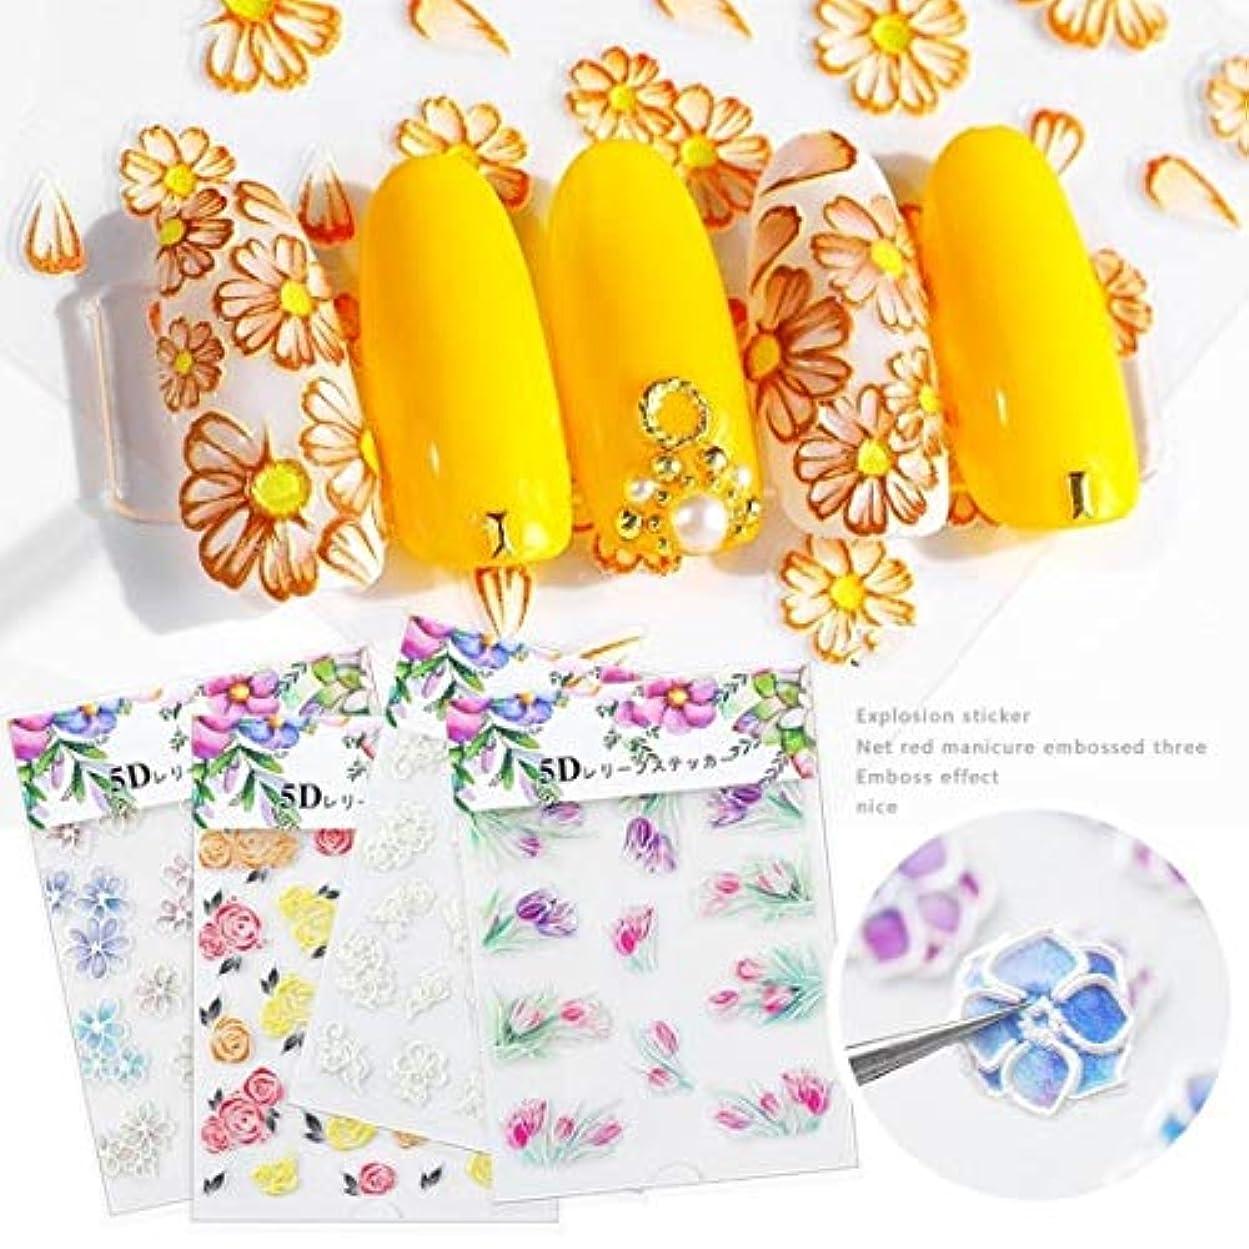 瞑想するつば世界記録のギネスブックOWNFSKNL 5Dネイルステッカーセット10枚の花柄自己粘着転写デカールネイルアートマニキュア装飾ツール